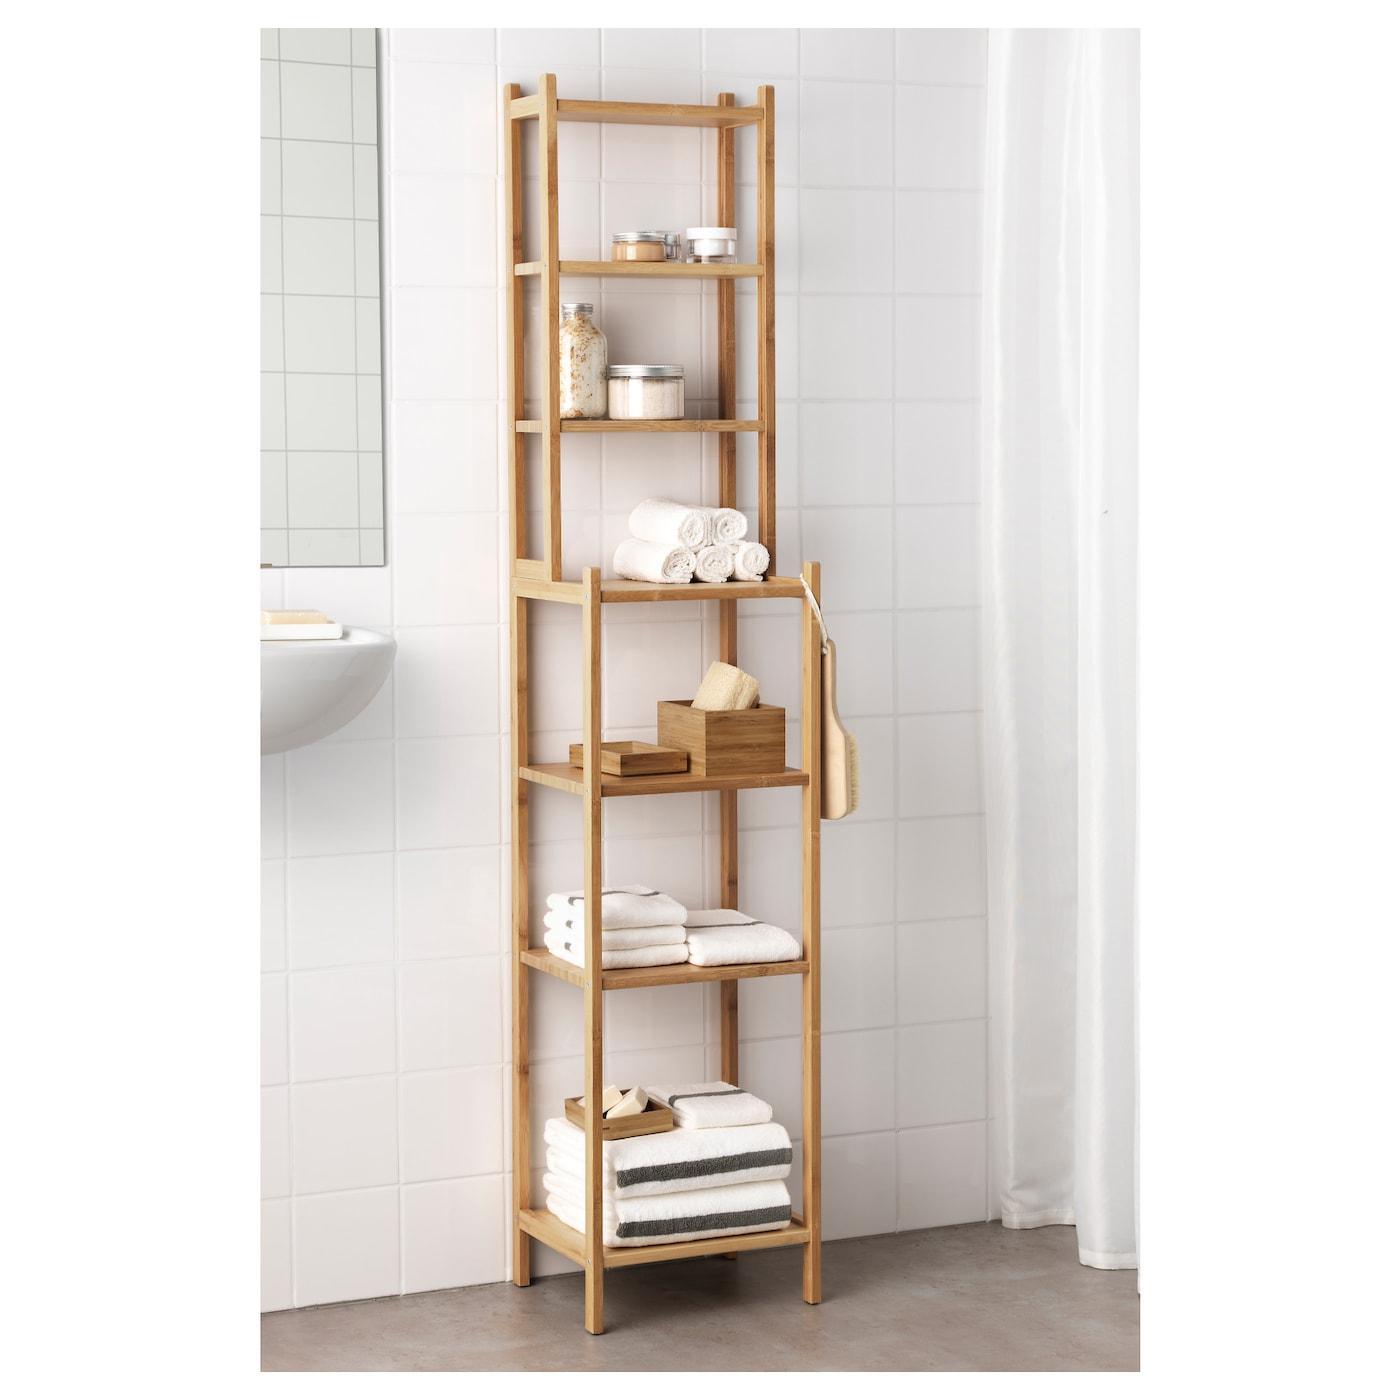 Badezimmer Wandregal Ikea